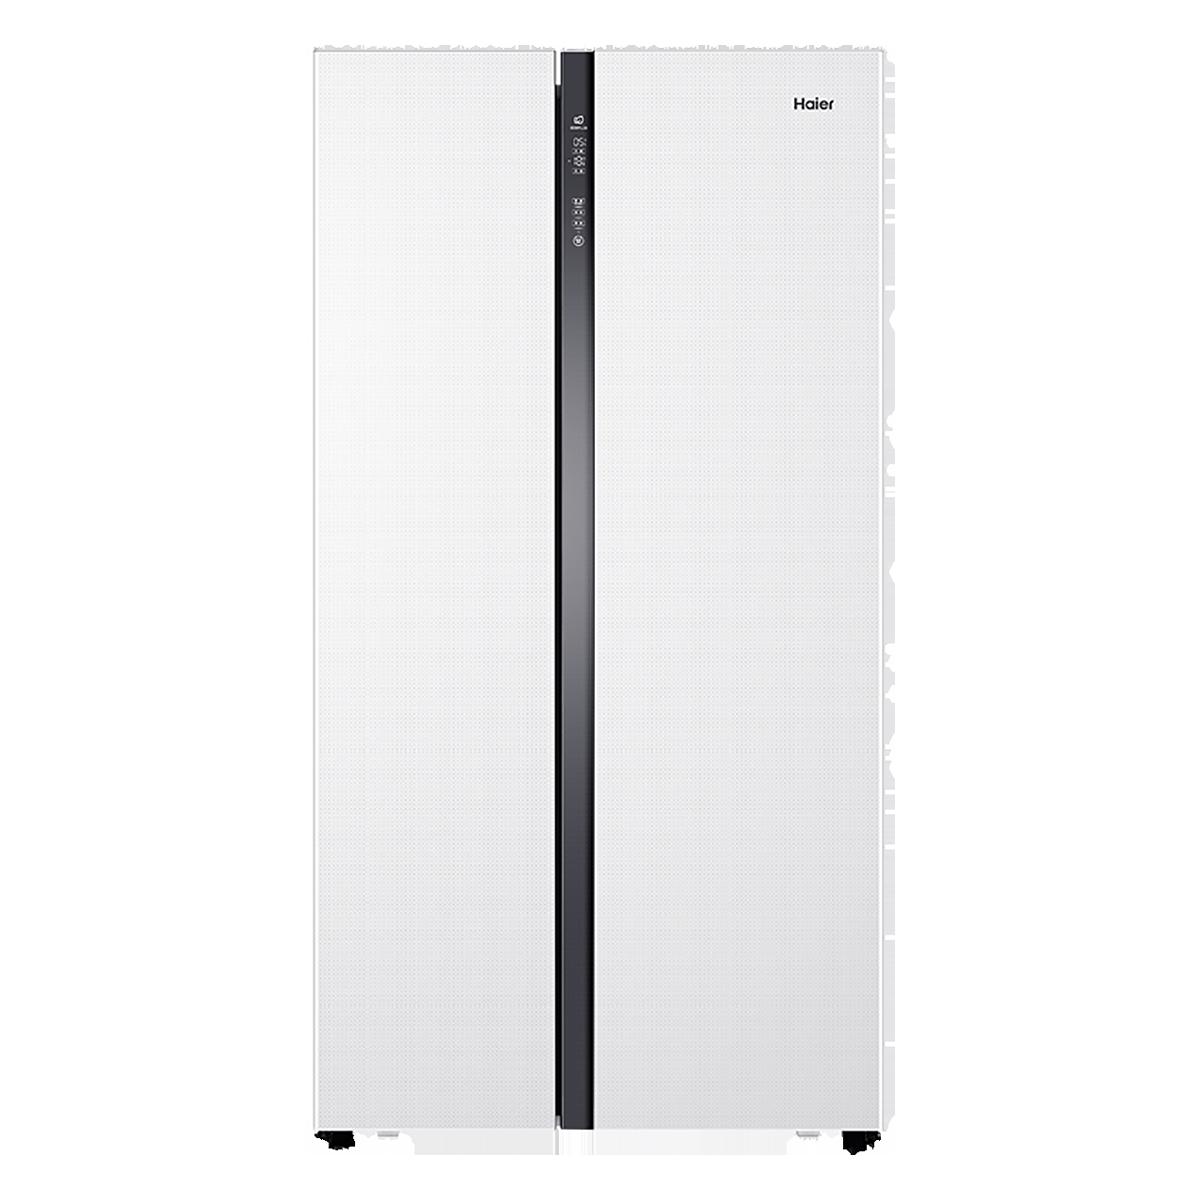 海尔Haier冰箱 BCD-576WDPU 说明书